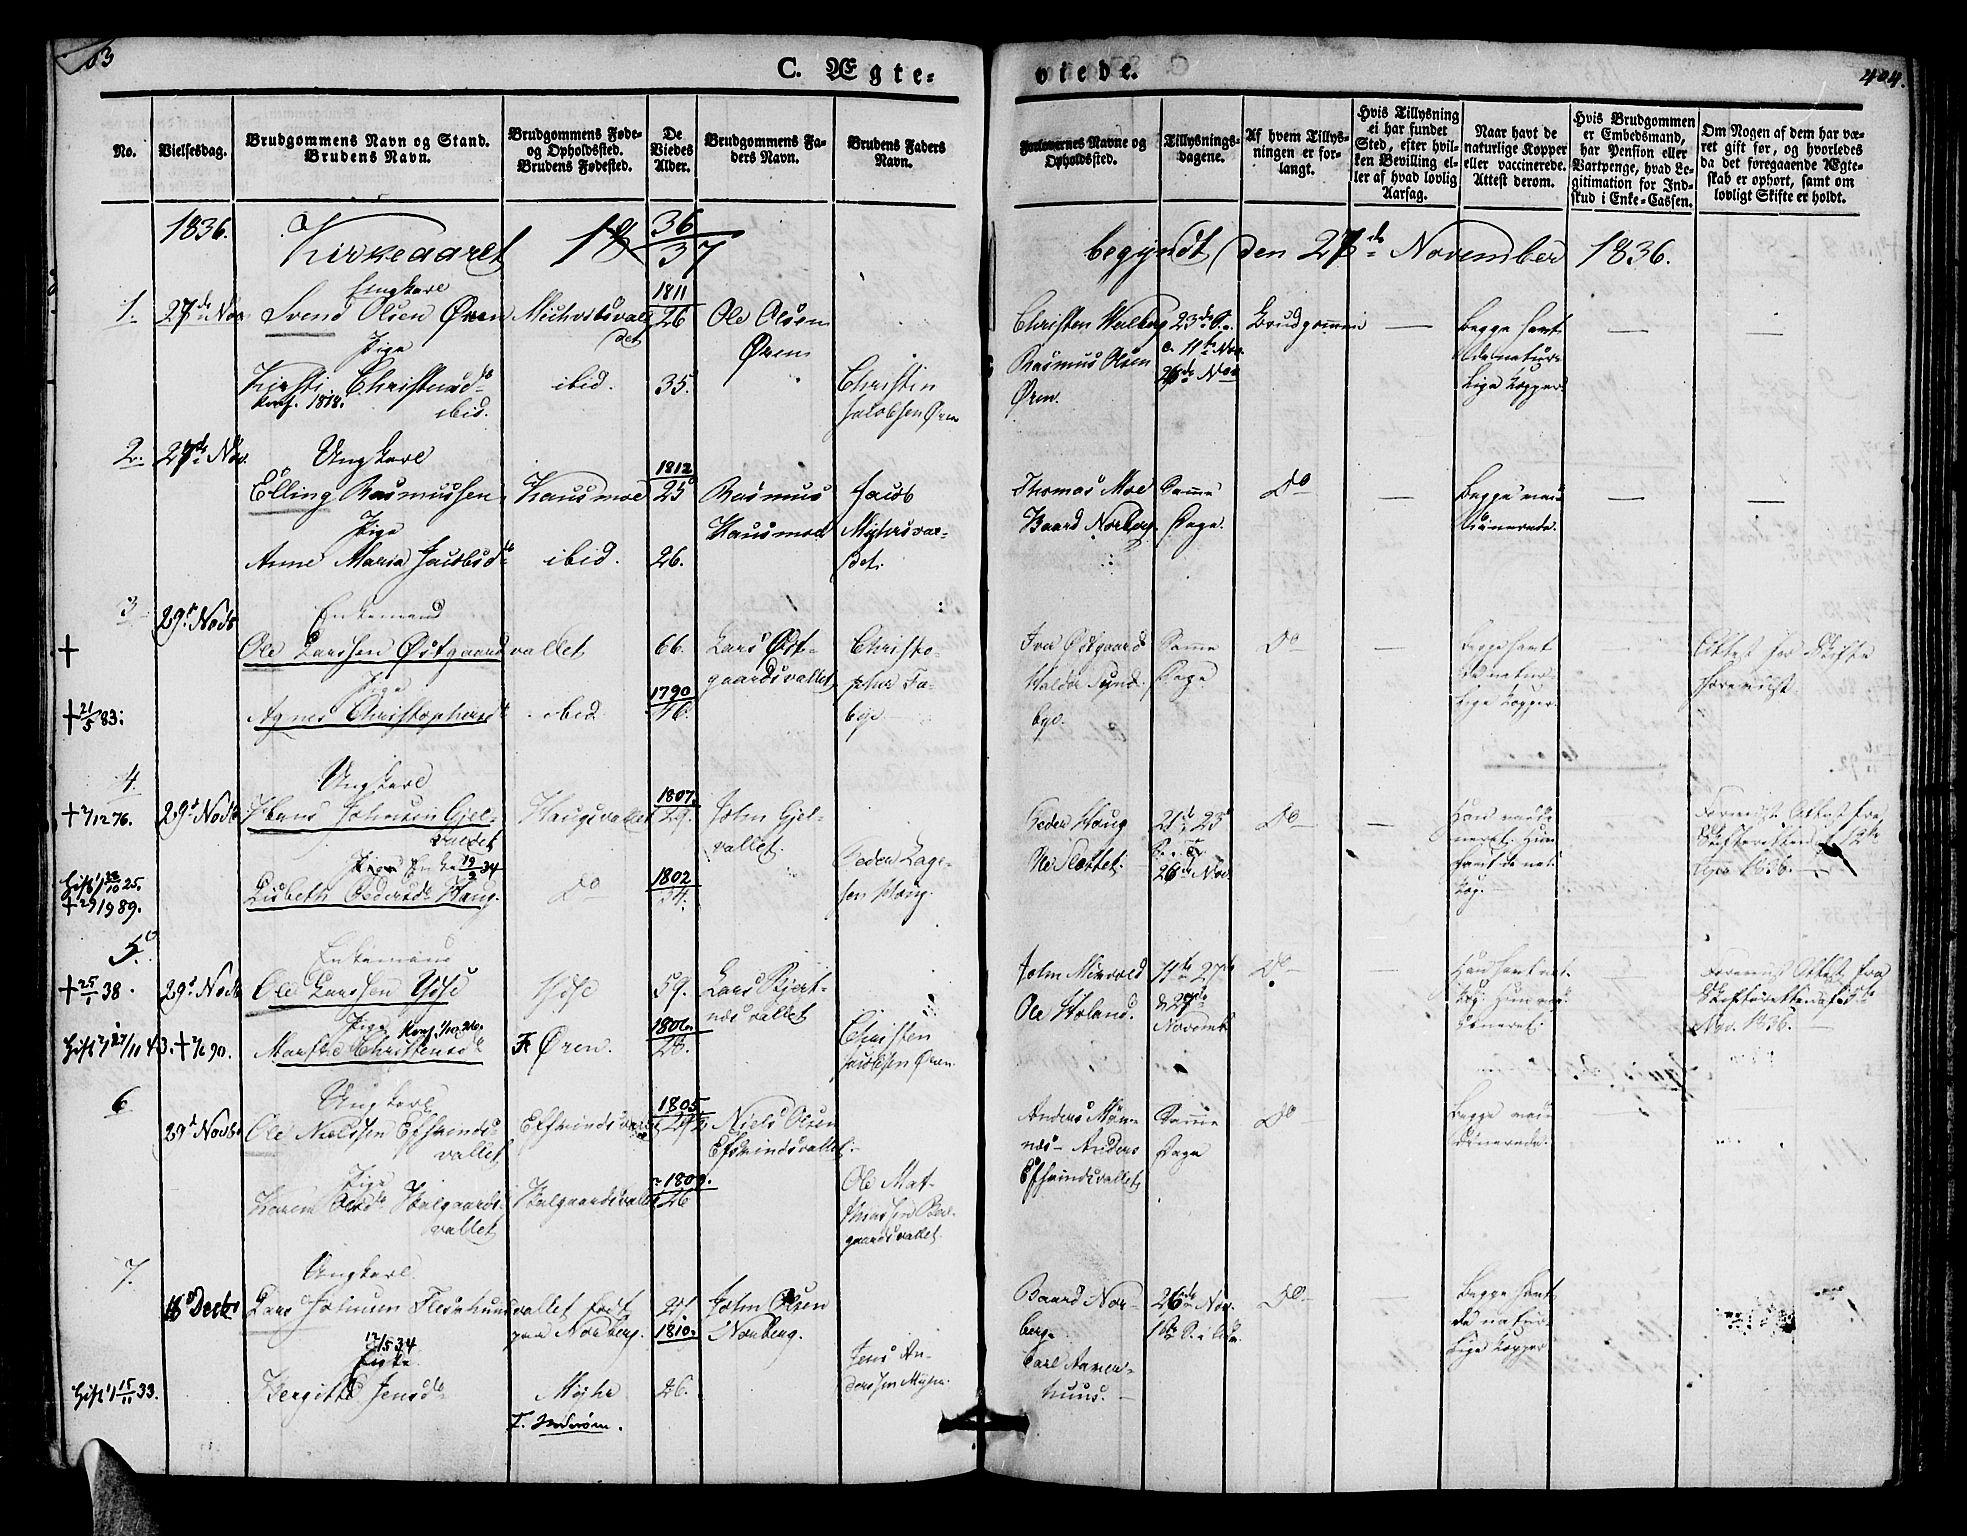 SAT, Ministerialprotokoller, klokkerbøker og fødselsregistre - Nord-Trøndelag, 723/L0238: Ministerialbok nr. 723A07, 1831-1840, s. 403-404